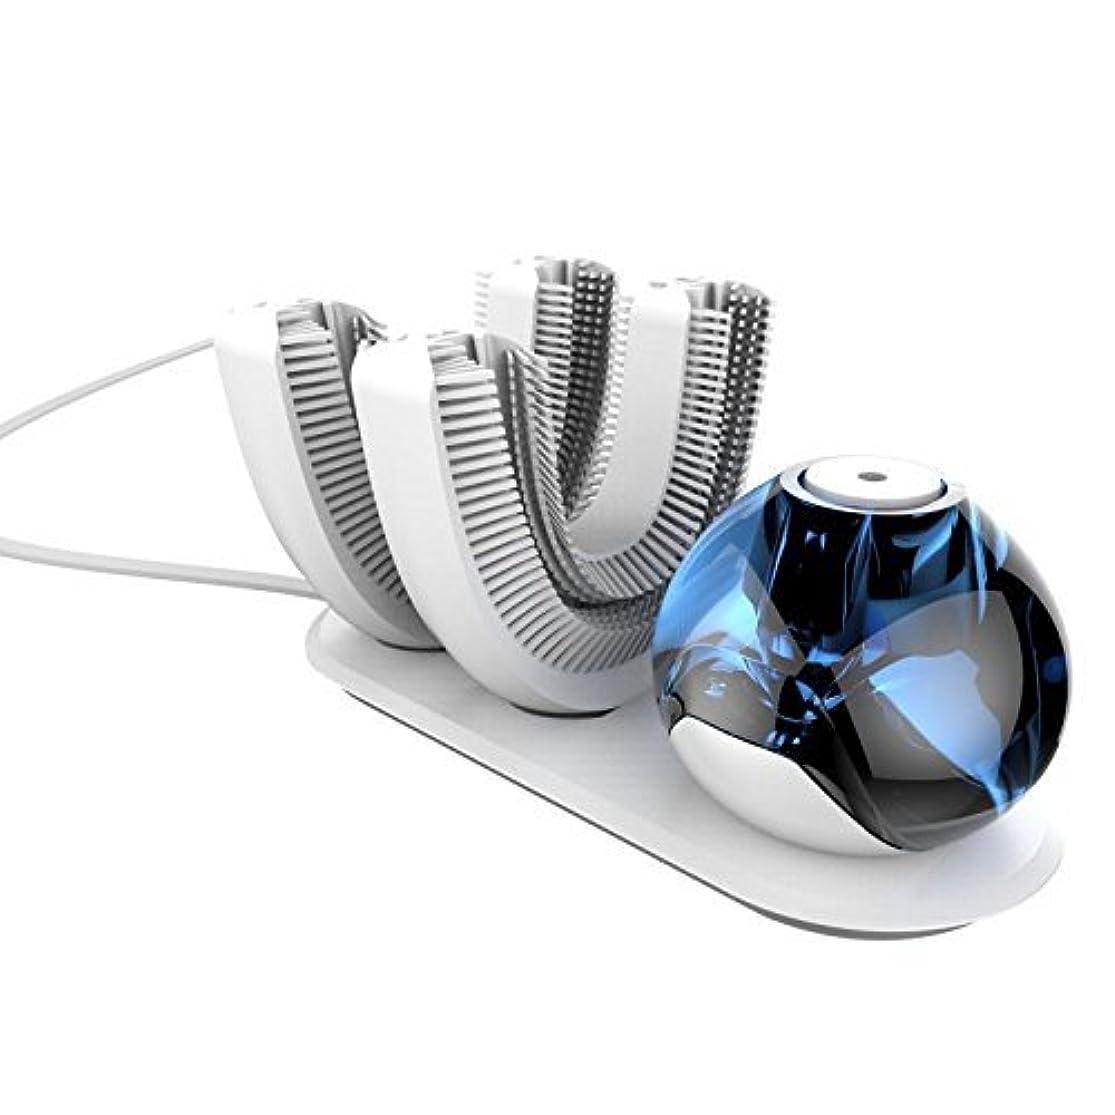 飛び込む乳剤取り扱い怠け者牙刷-電動 U型 超音波 専門370°全方位 自動歯ブラシ ワイヤレス充電 成人 怠け者 ユニークなU字型のマウスピース わずか10秒で歯磨き 自動バブル 2本の歯ブラシヘッド付き あなたの手を解放 磁気吸引接続...